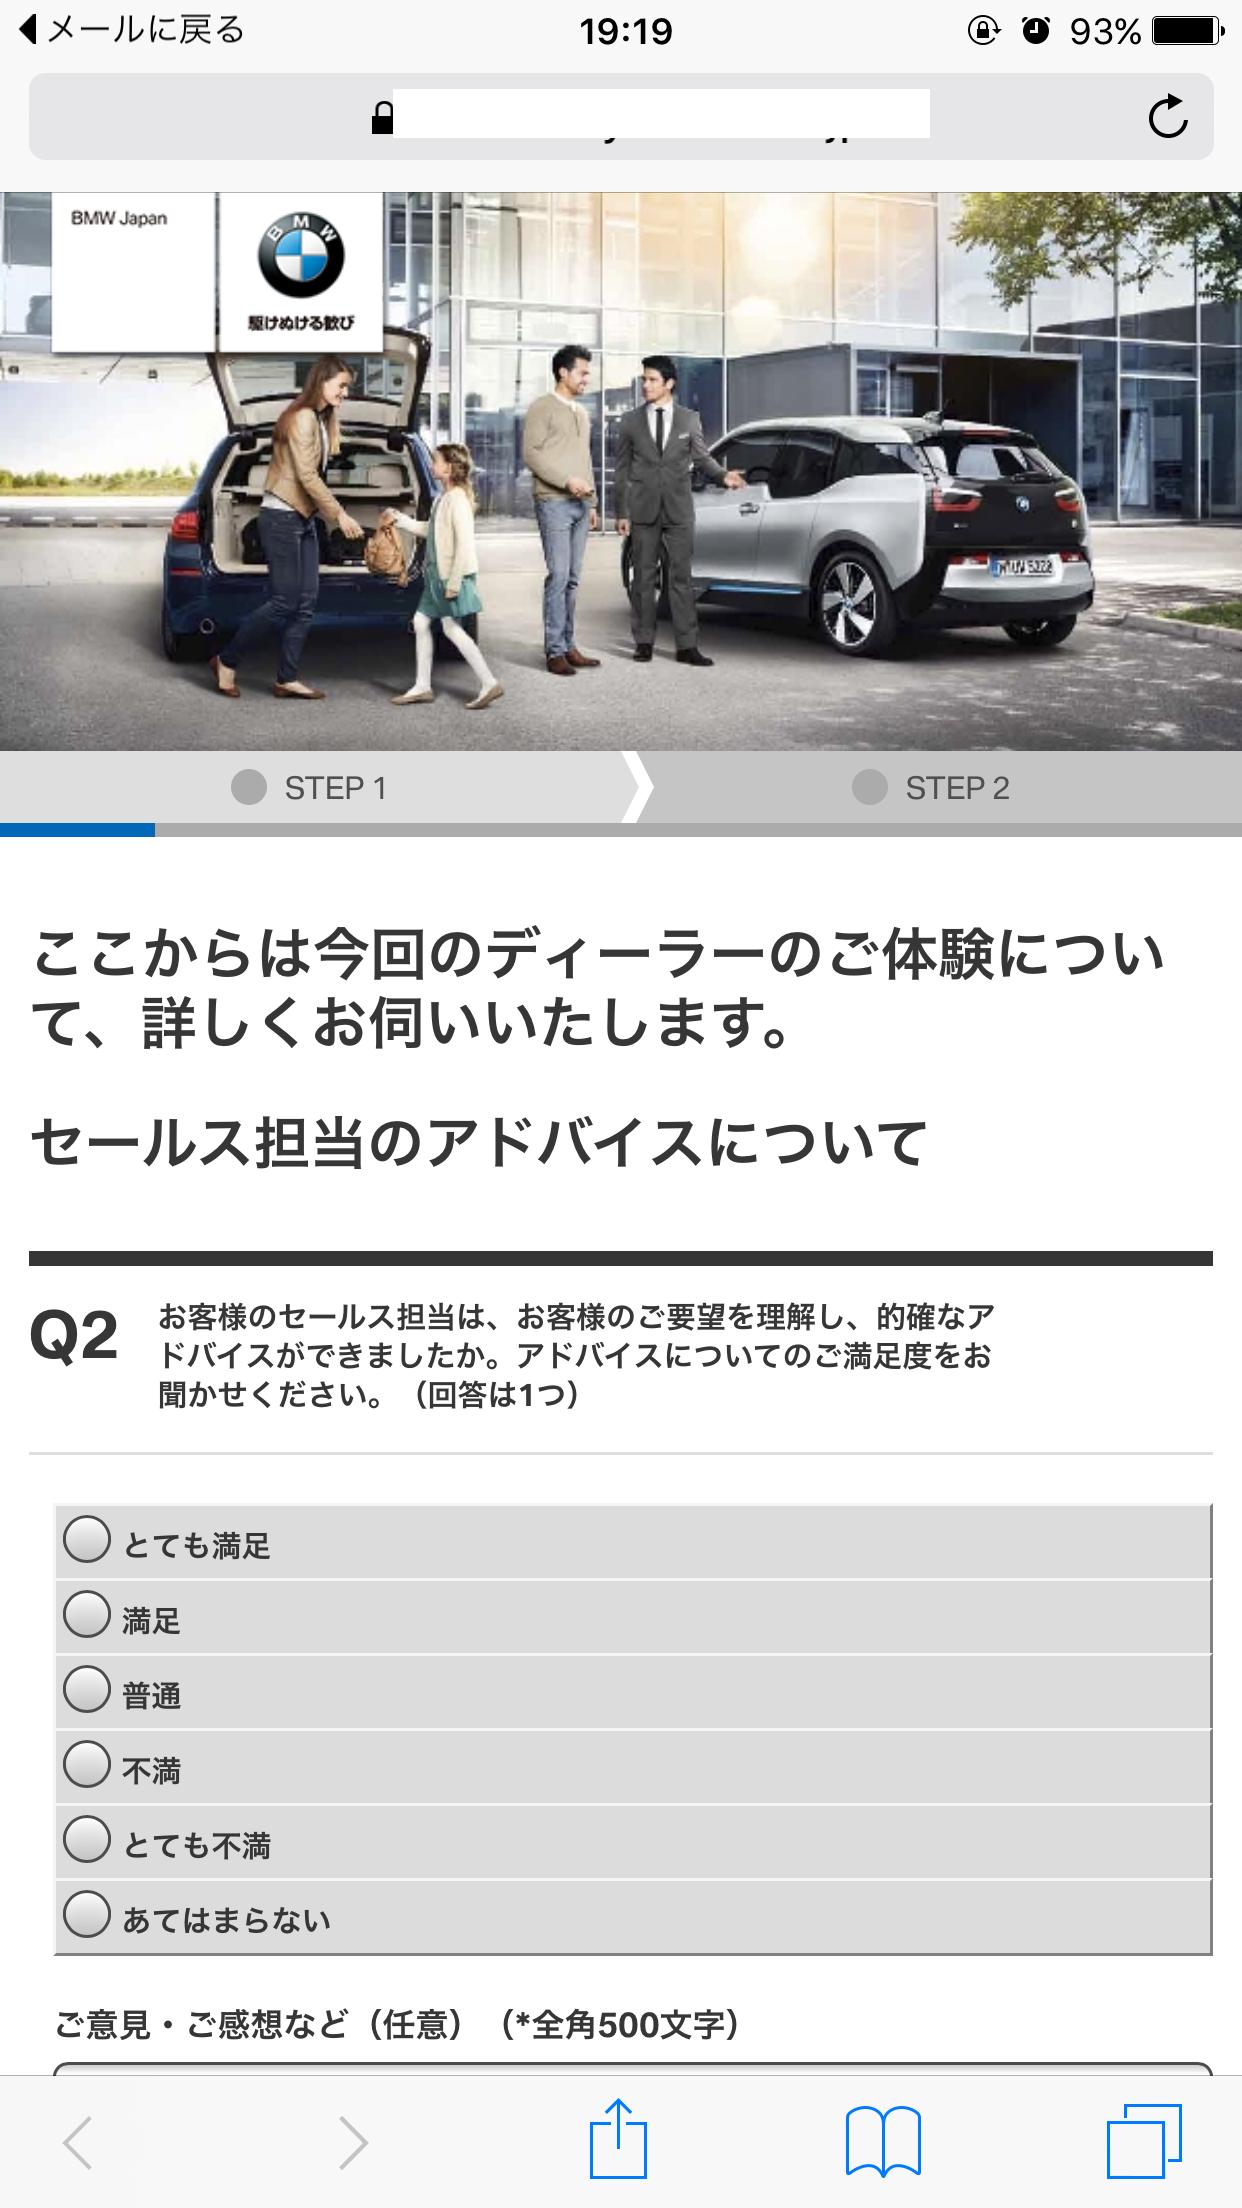 BMWから4シリーズグランクーペ納車時満足度調査のアンケートメールが送られてきたので回答しました